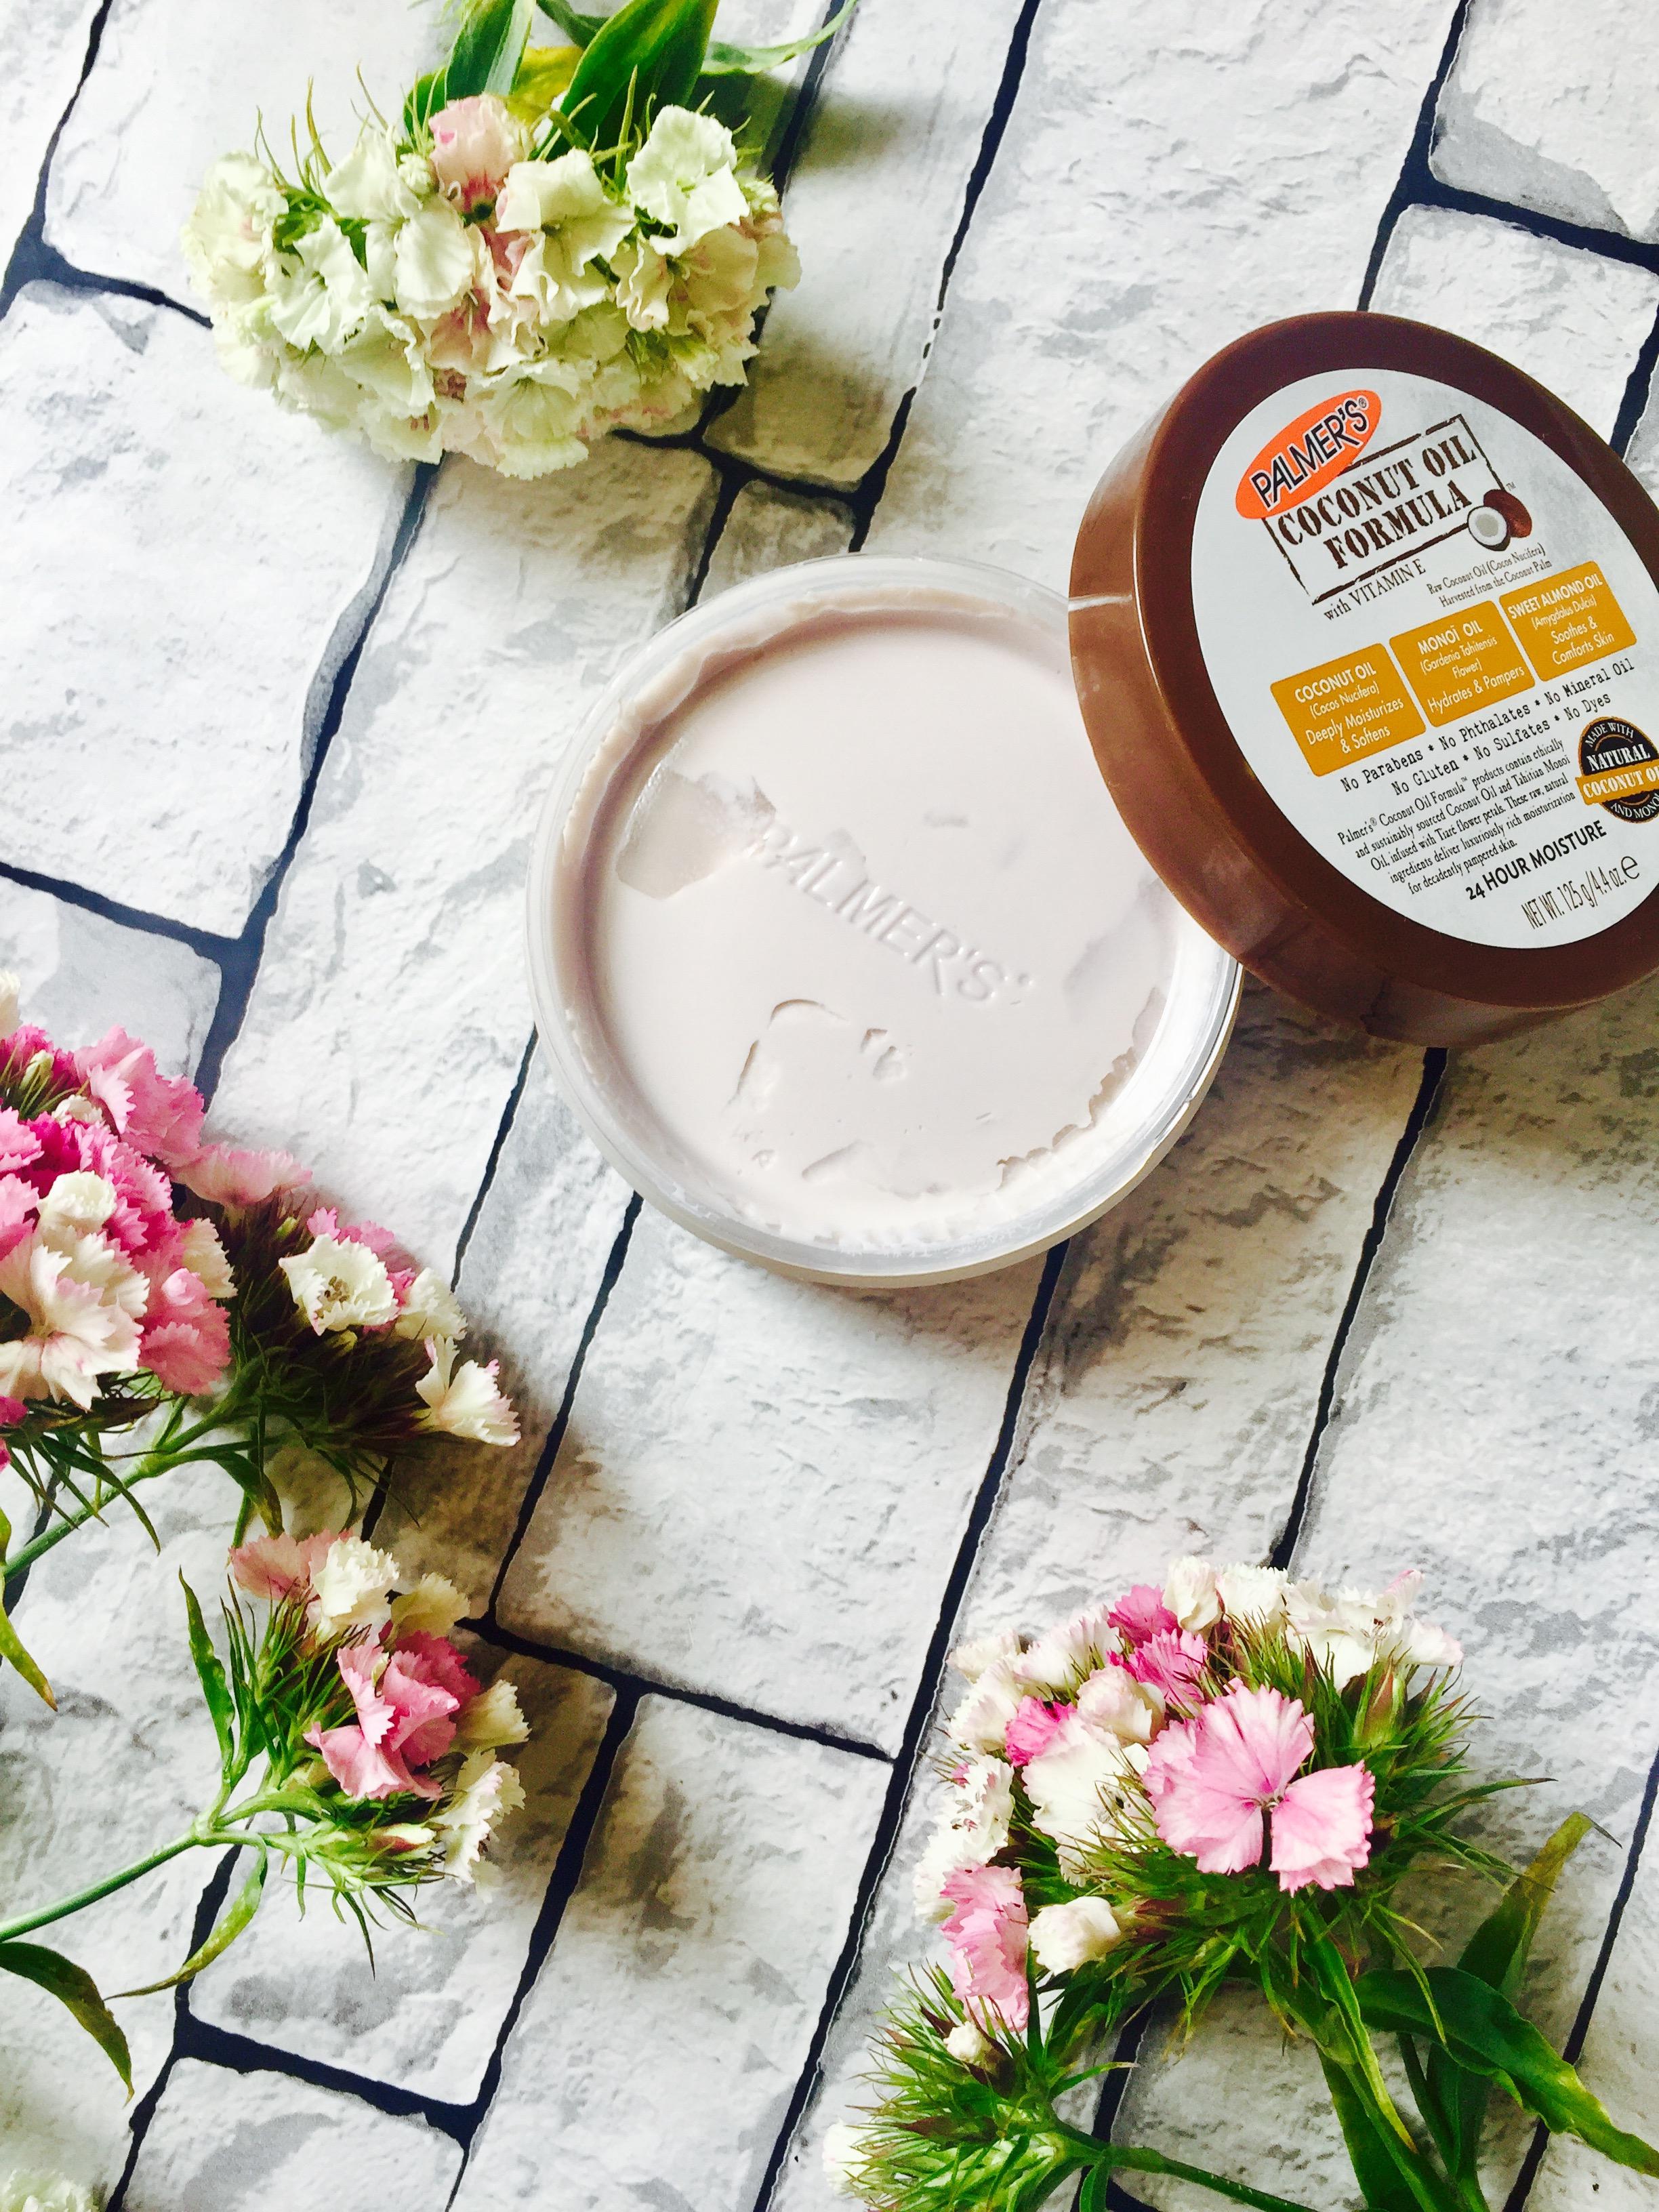 Palmer's Coconut Body Cream